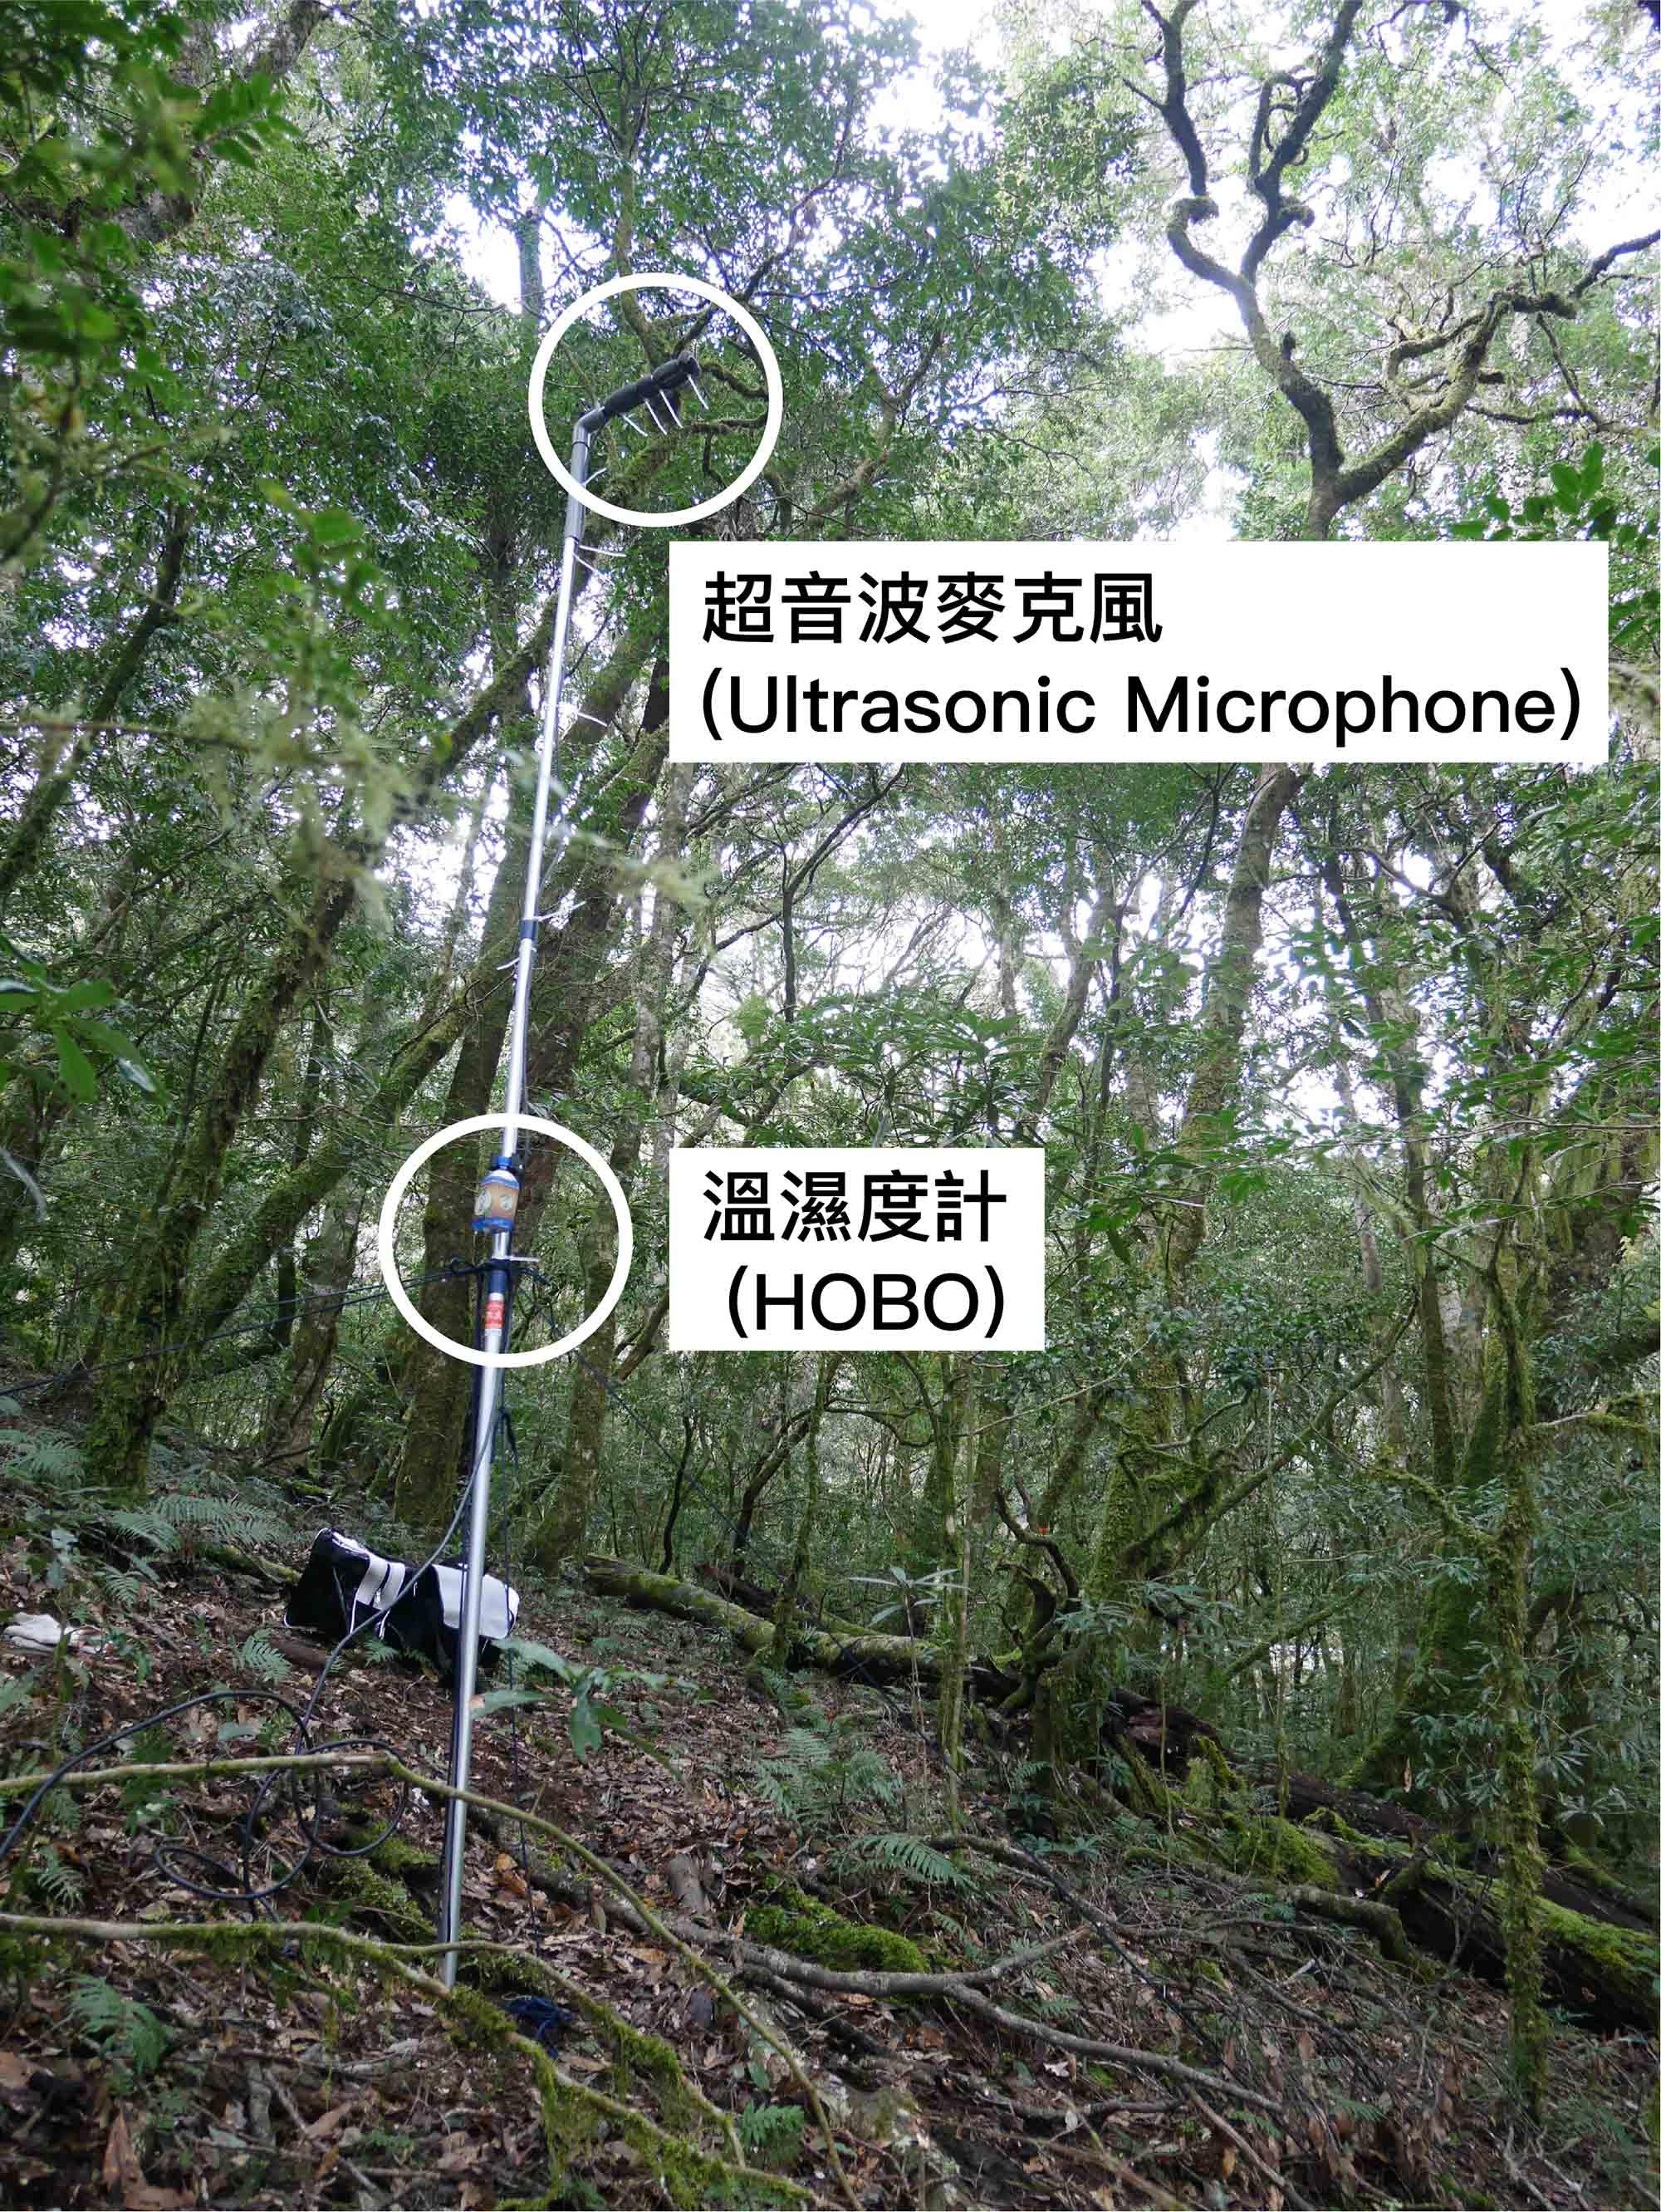 收錄蝙蝠聲音的超音波麥克風 (Ultrasonic Microphone) 與溫濕度計 (HOBO)。 圖片來源│端木茂甯、李佳紜提供